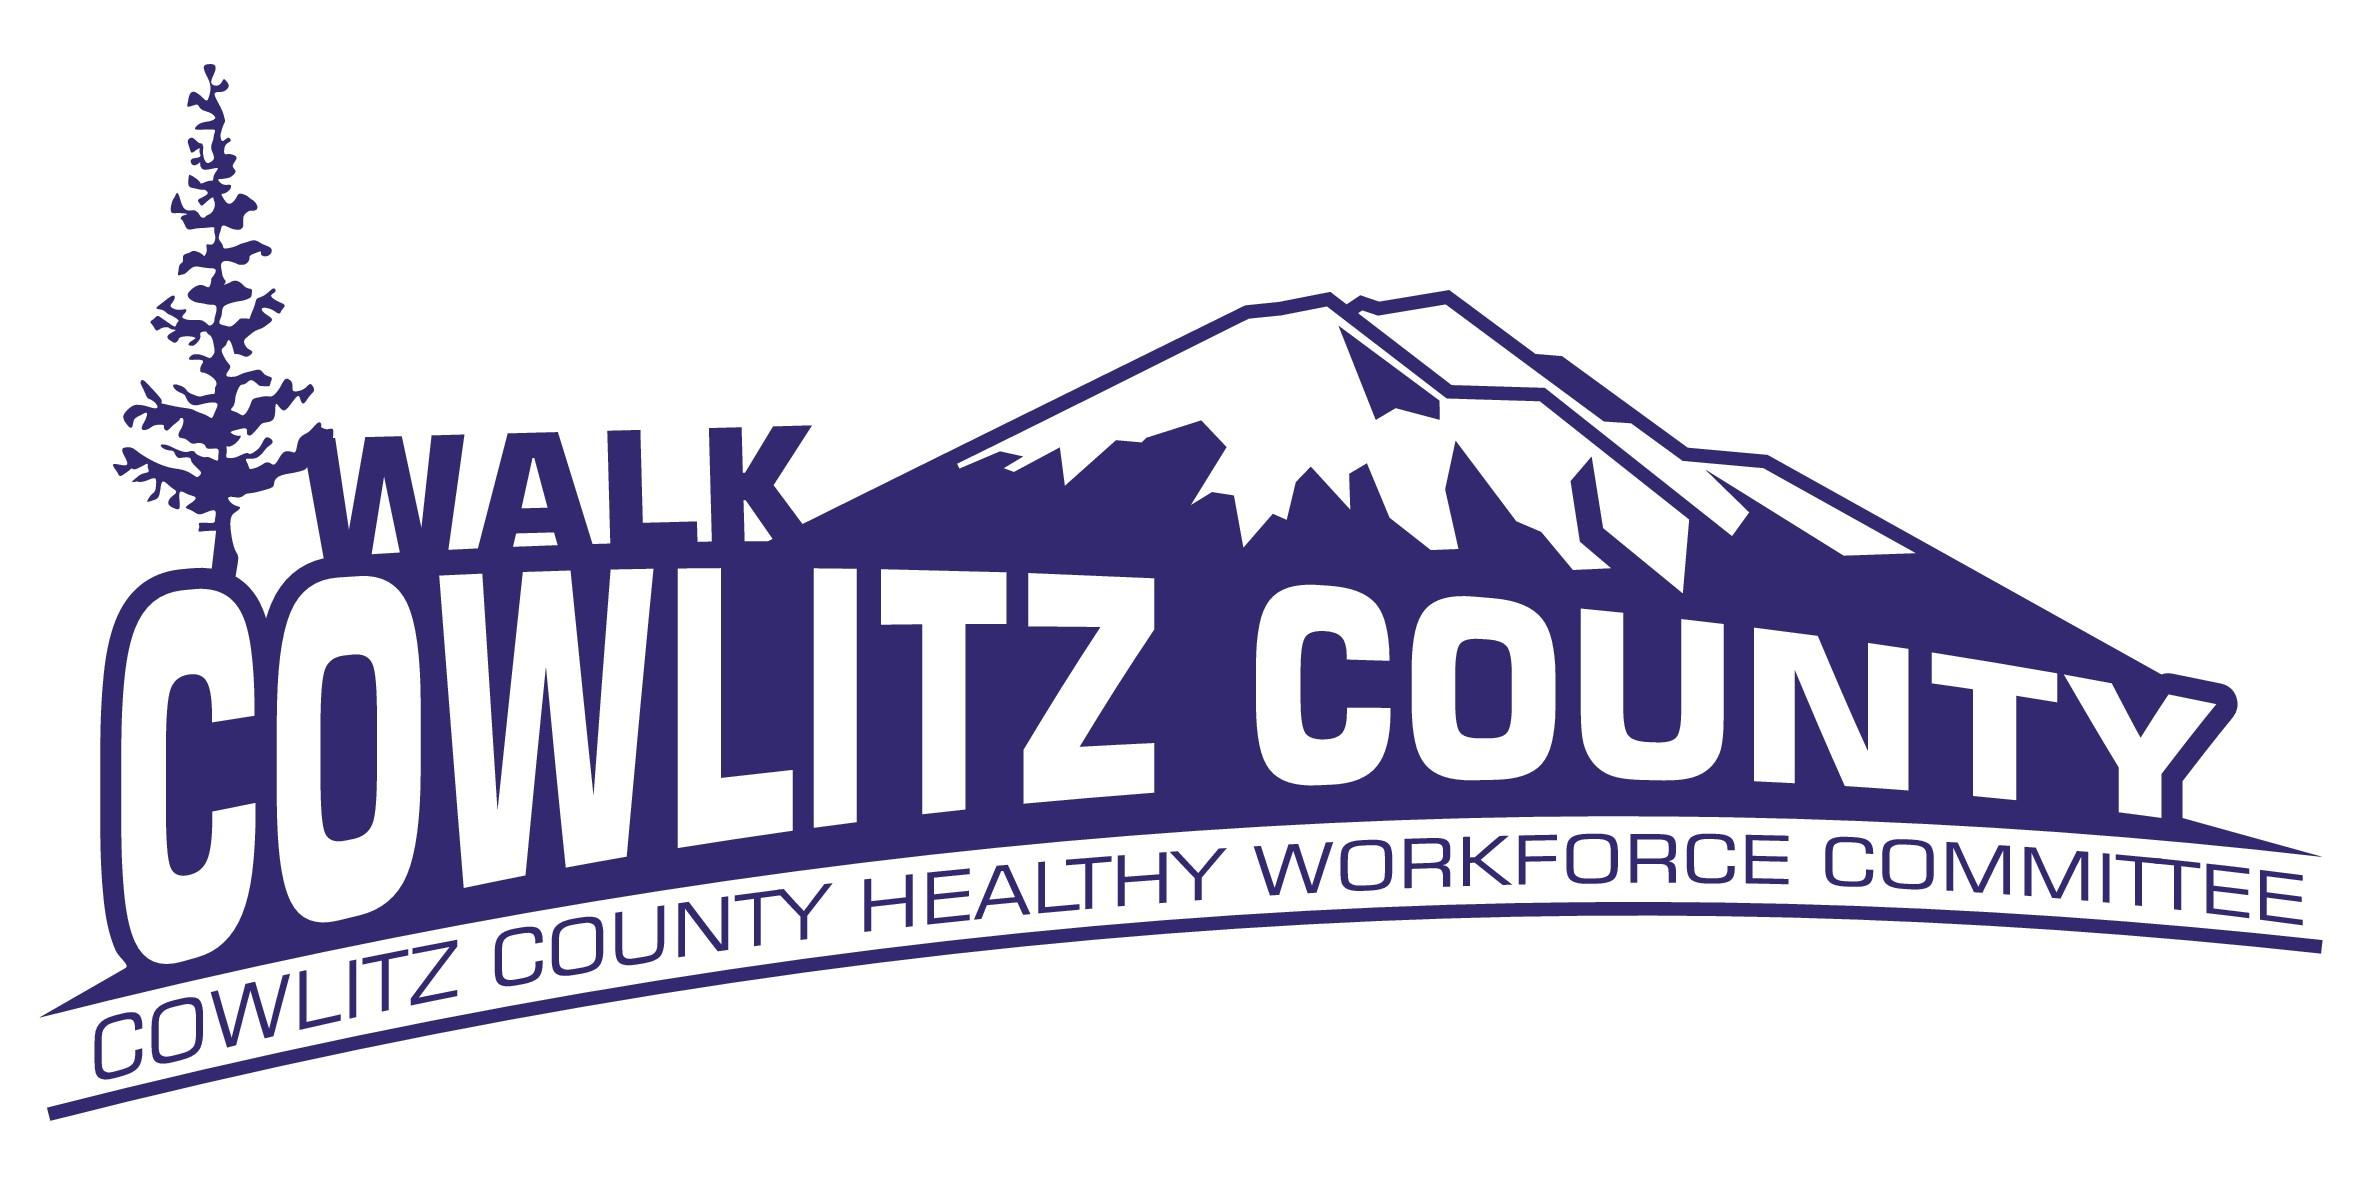 Walk Cowlitz County